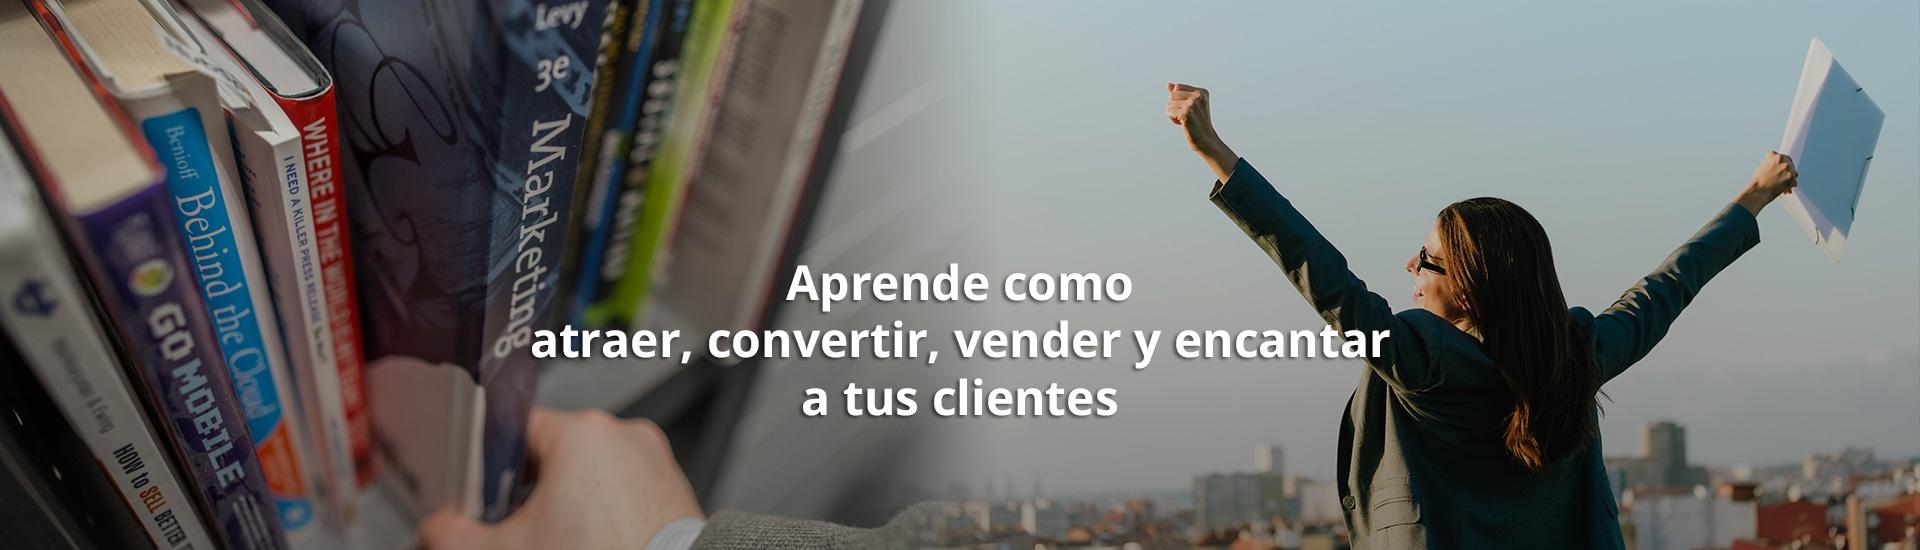 Impulse Blog   Agencia de Inbound Marketing